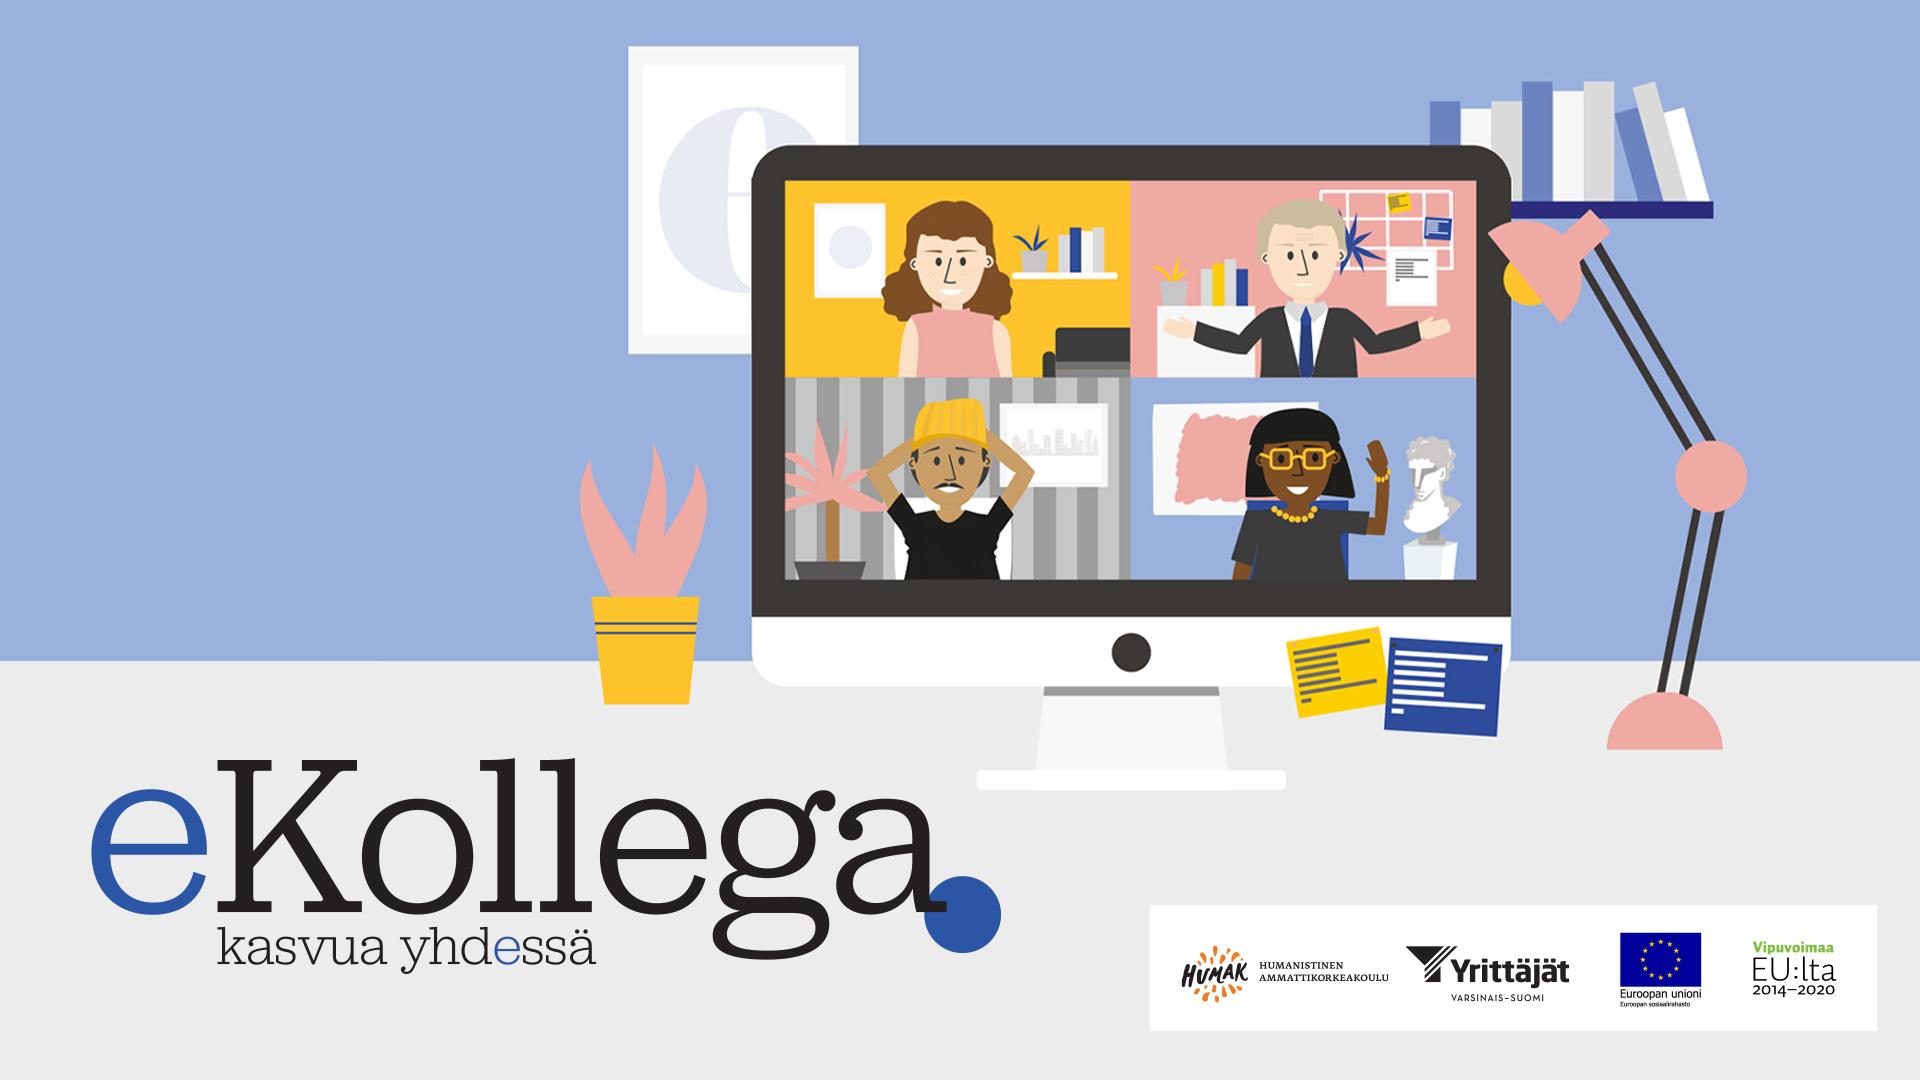 Piirroskuva työpöydästä, jossa on tietokone auki. Tietokoneen ruudulta näkyy neljä henkilöä. Kuan päällä eKollega-hankkeen logo.